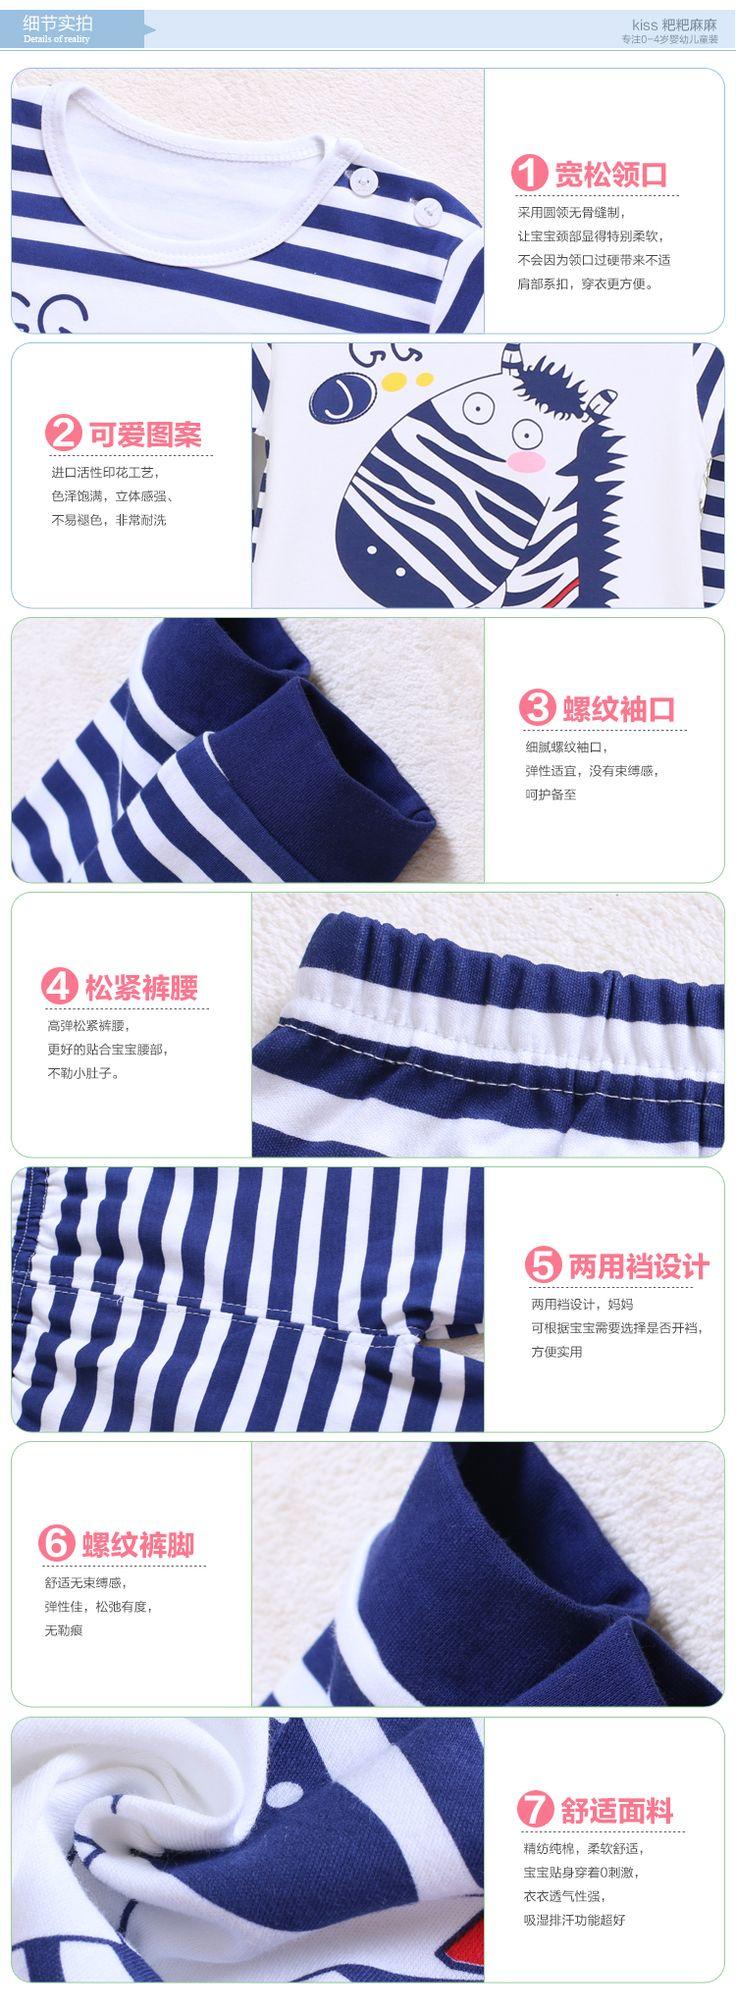 Дети хлопковое белье ребенка костюм Qiuyiqiuku детская одежда с длинным рукавом хлопка пижамы костюм - Taobao